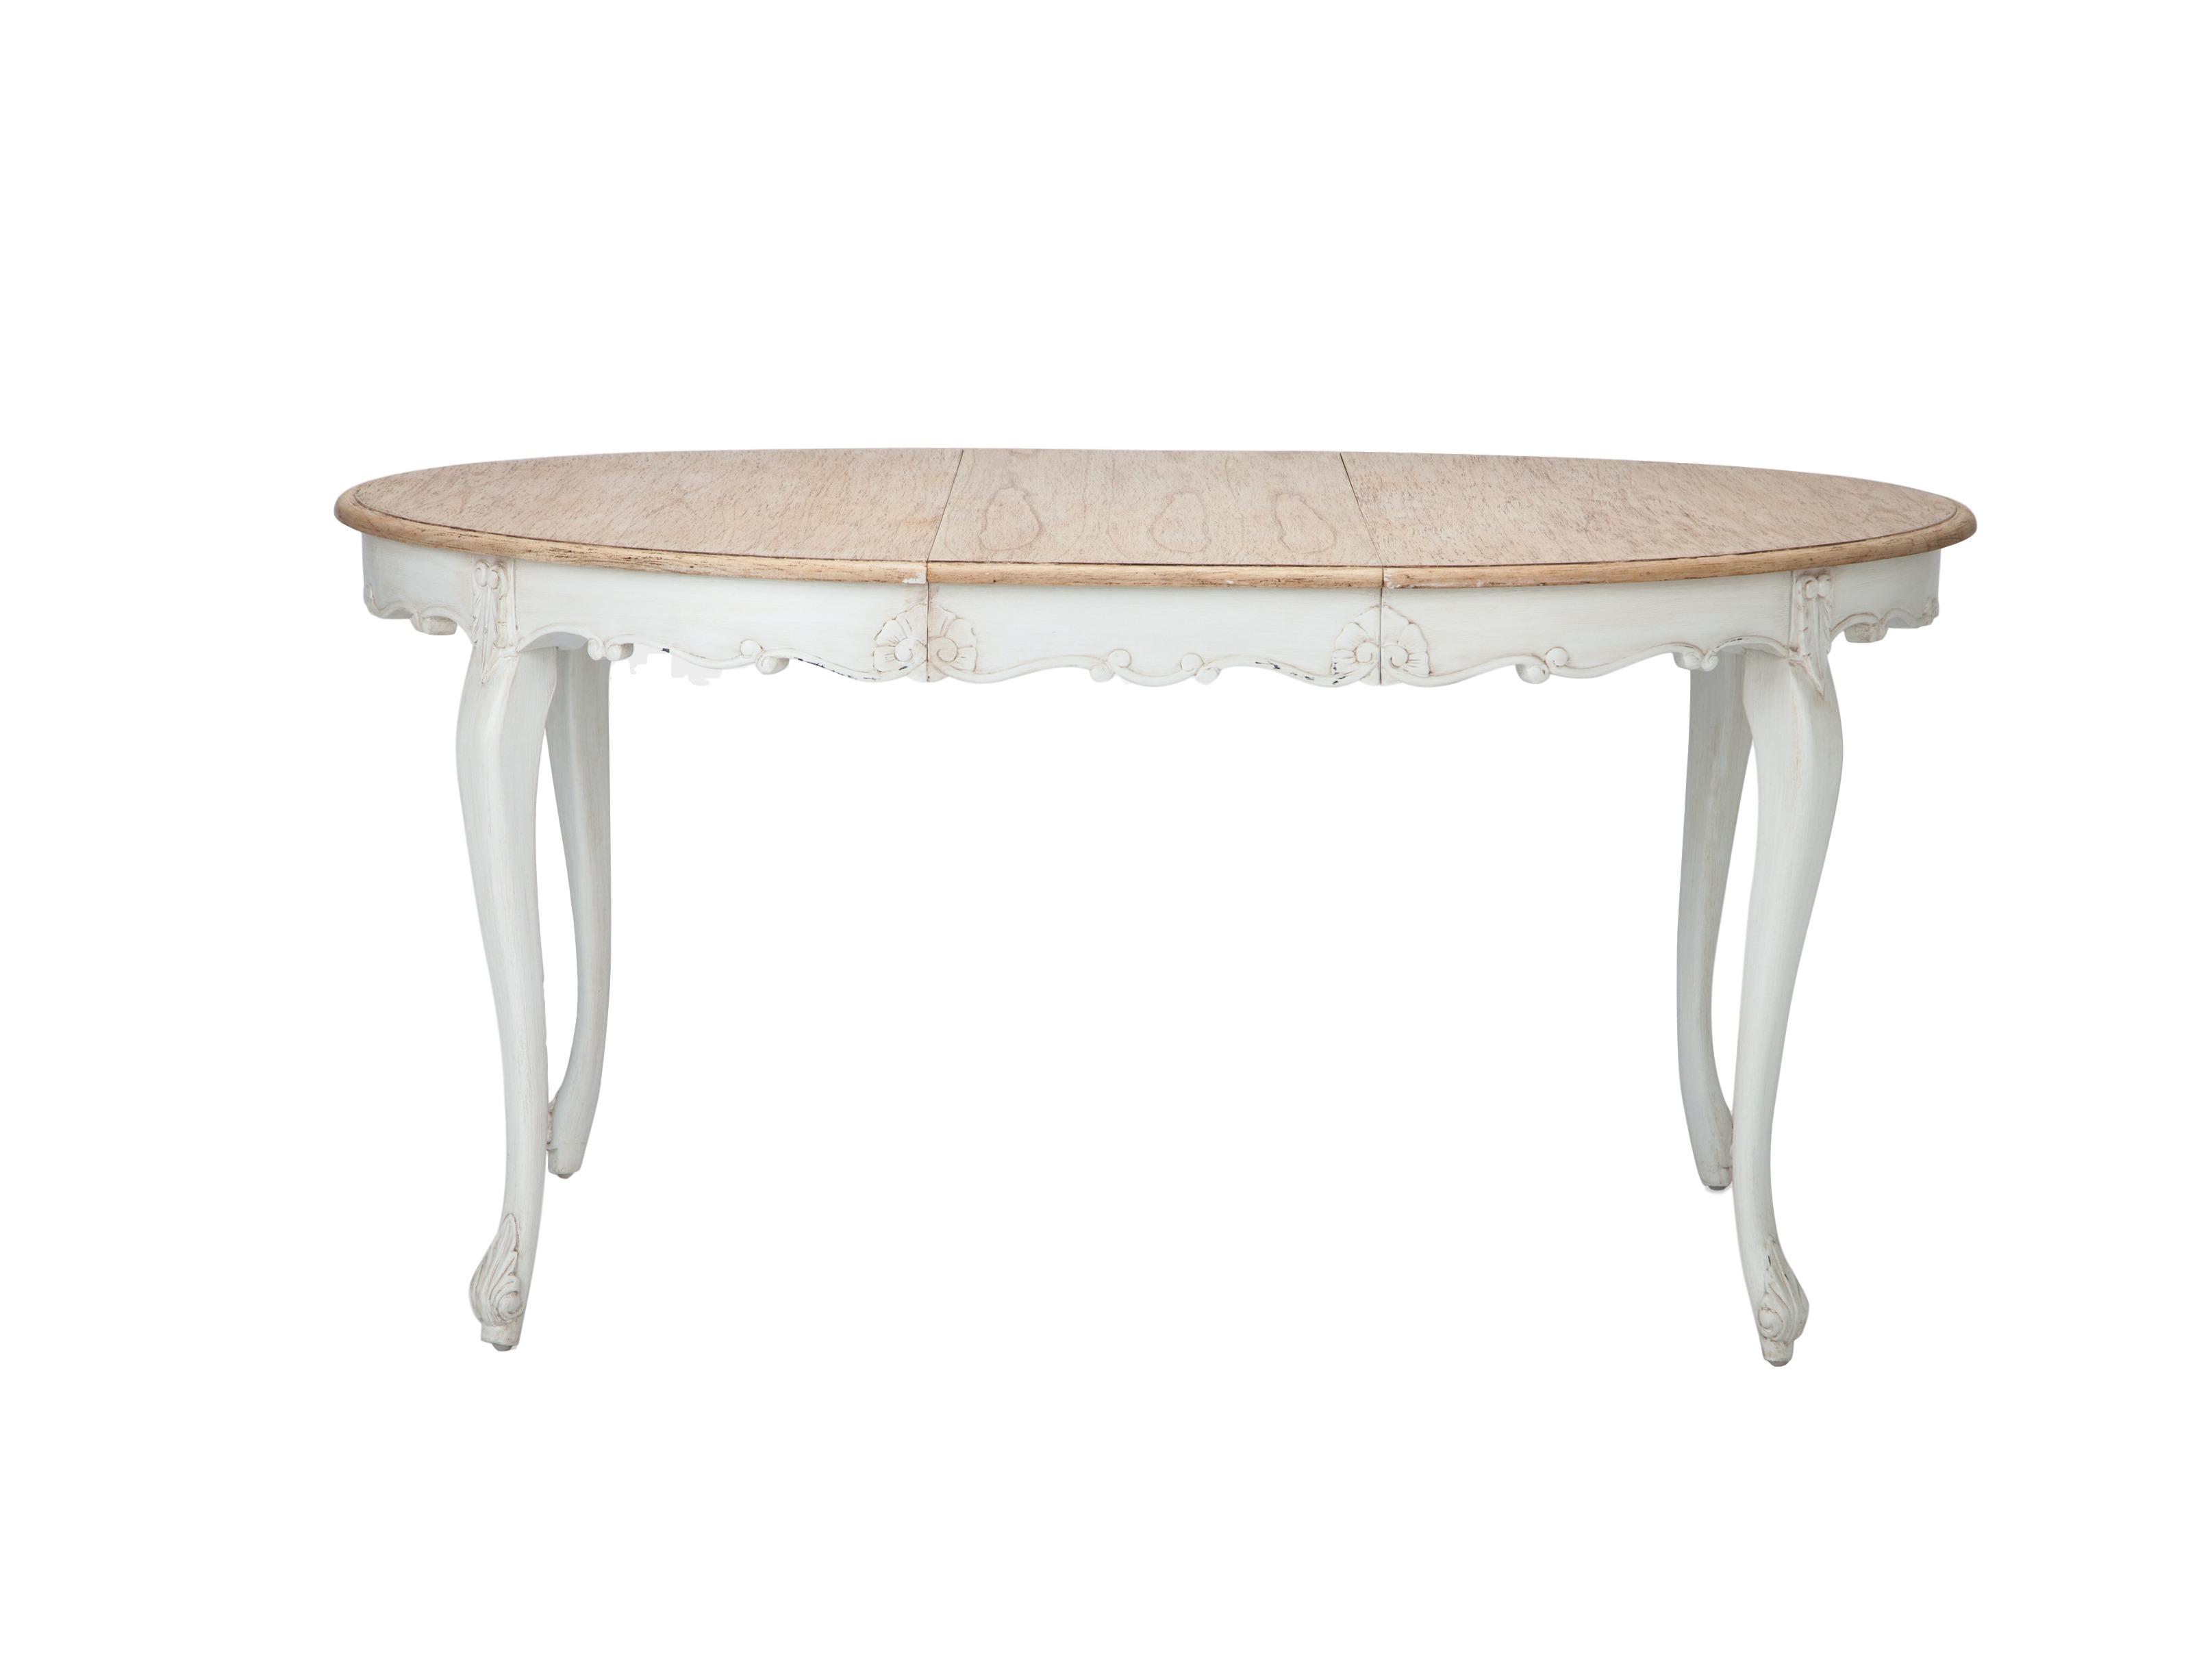 СтолОбеденные столы<br>Стол обеденный круглый раздвижной из дерева минди, раскладывается в овальный, украшен резьбой ручной работы.&amp;lt;div&amp;gt;&amp;lt;br&amp;gt;&amp;lt;/div&amp;gt;&amp;lt;div&amp;gt;Материал: минди&amp;lt;br&amp;gt;&amp;lt;/div&amp;gt;<br><br>Material: Дерево<br>Высота см: 77